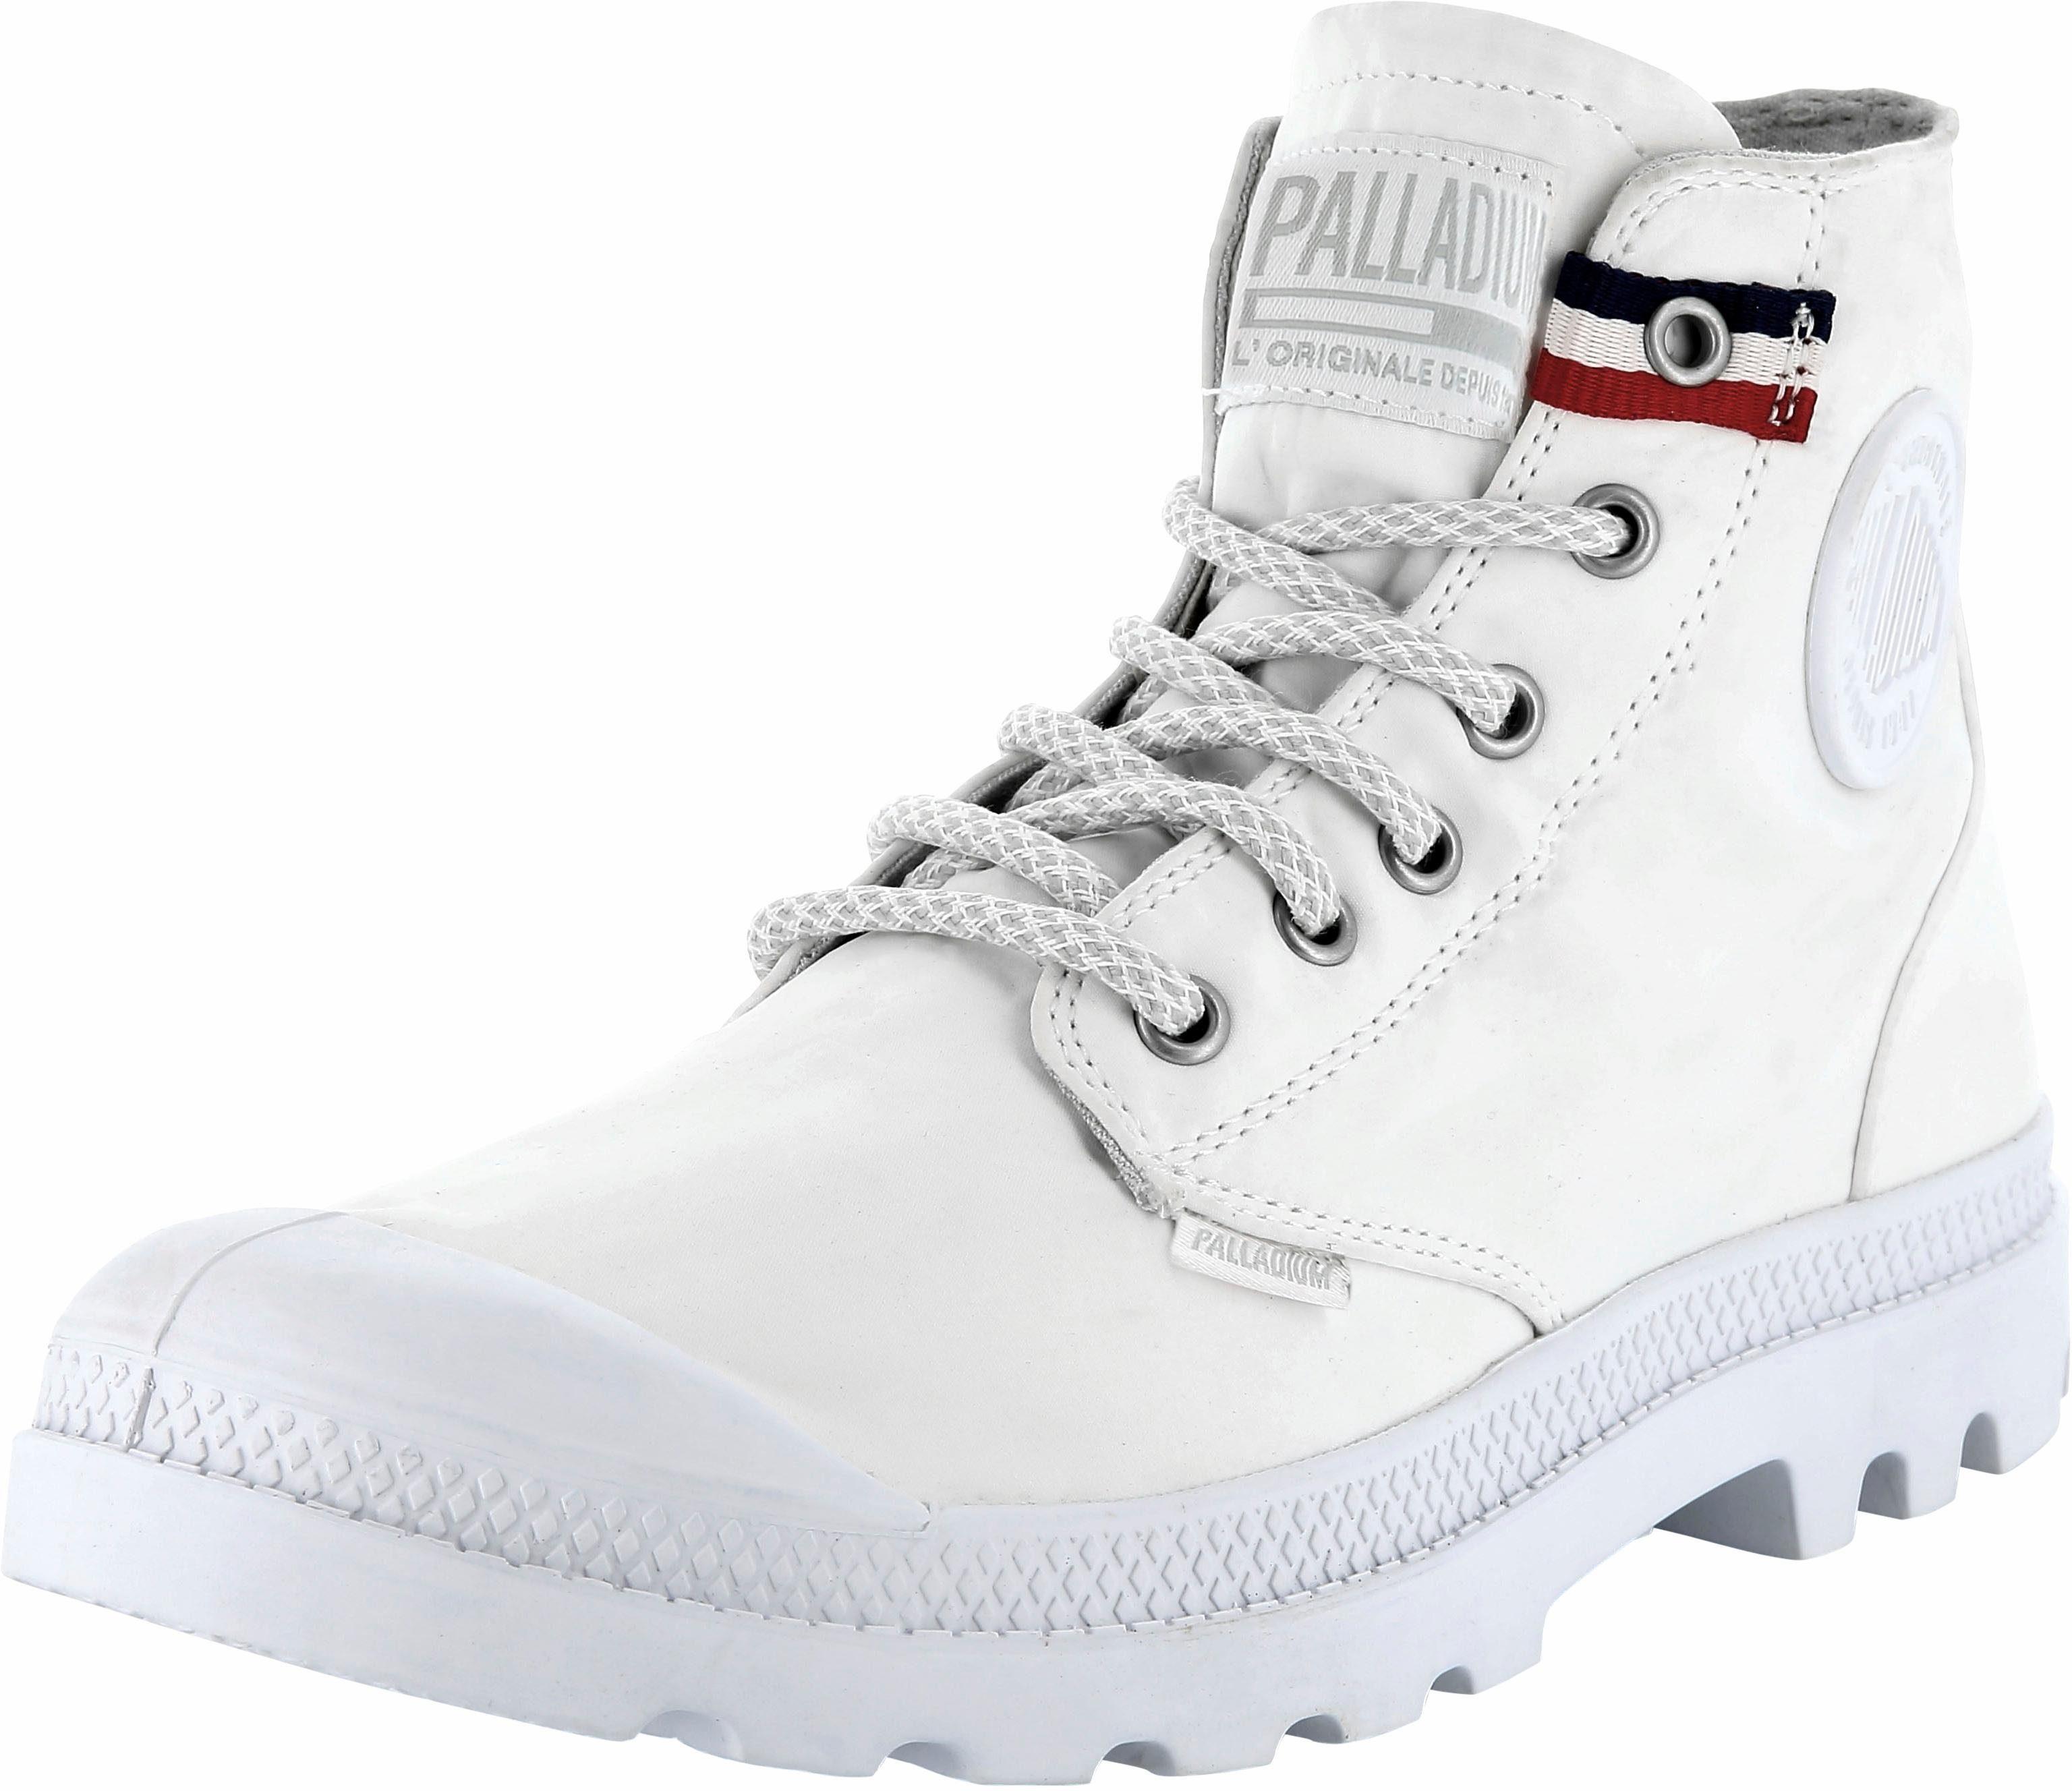 Palladium Pampa Hi Rive Gauche Ankleboots kaufen  weiß